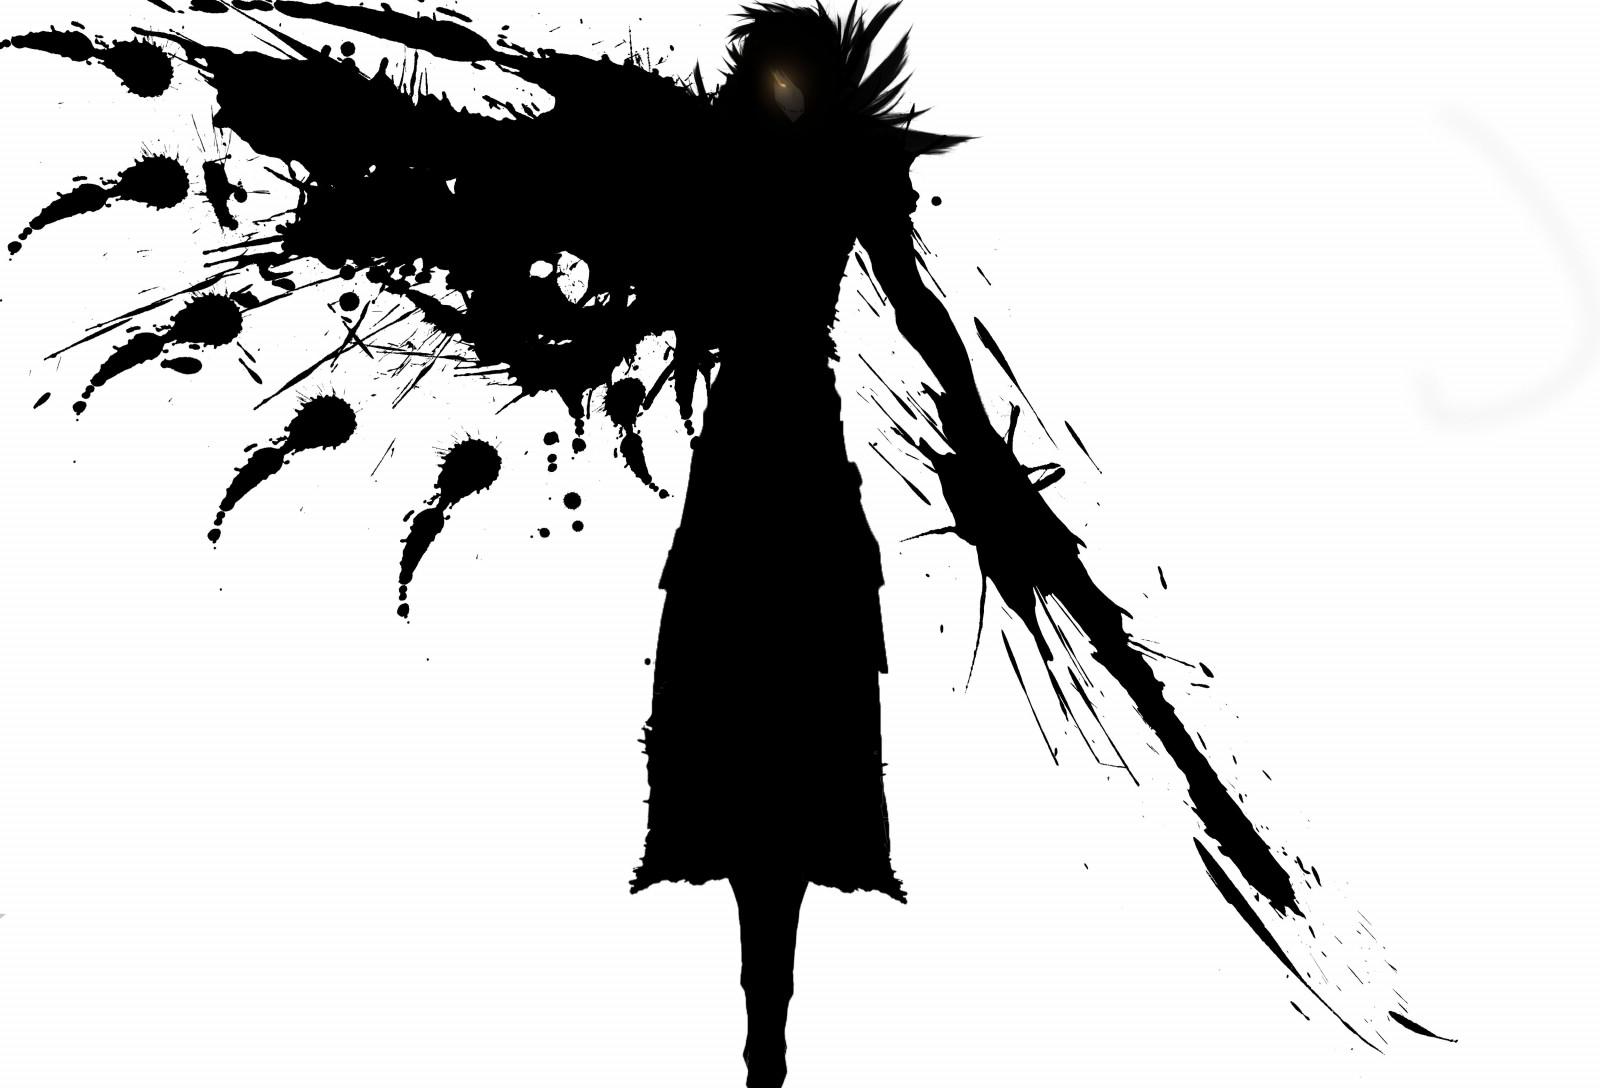 Sfondi disegno illustrazione ali arma silhouette